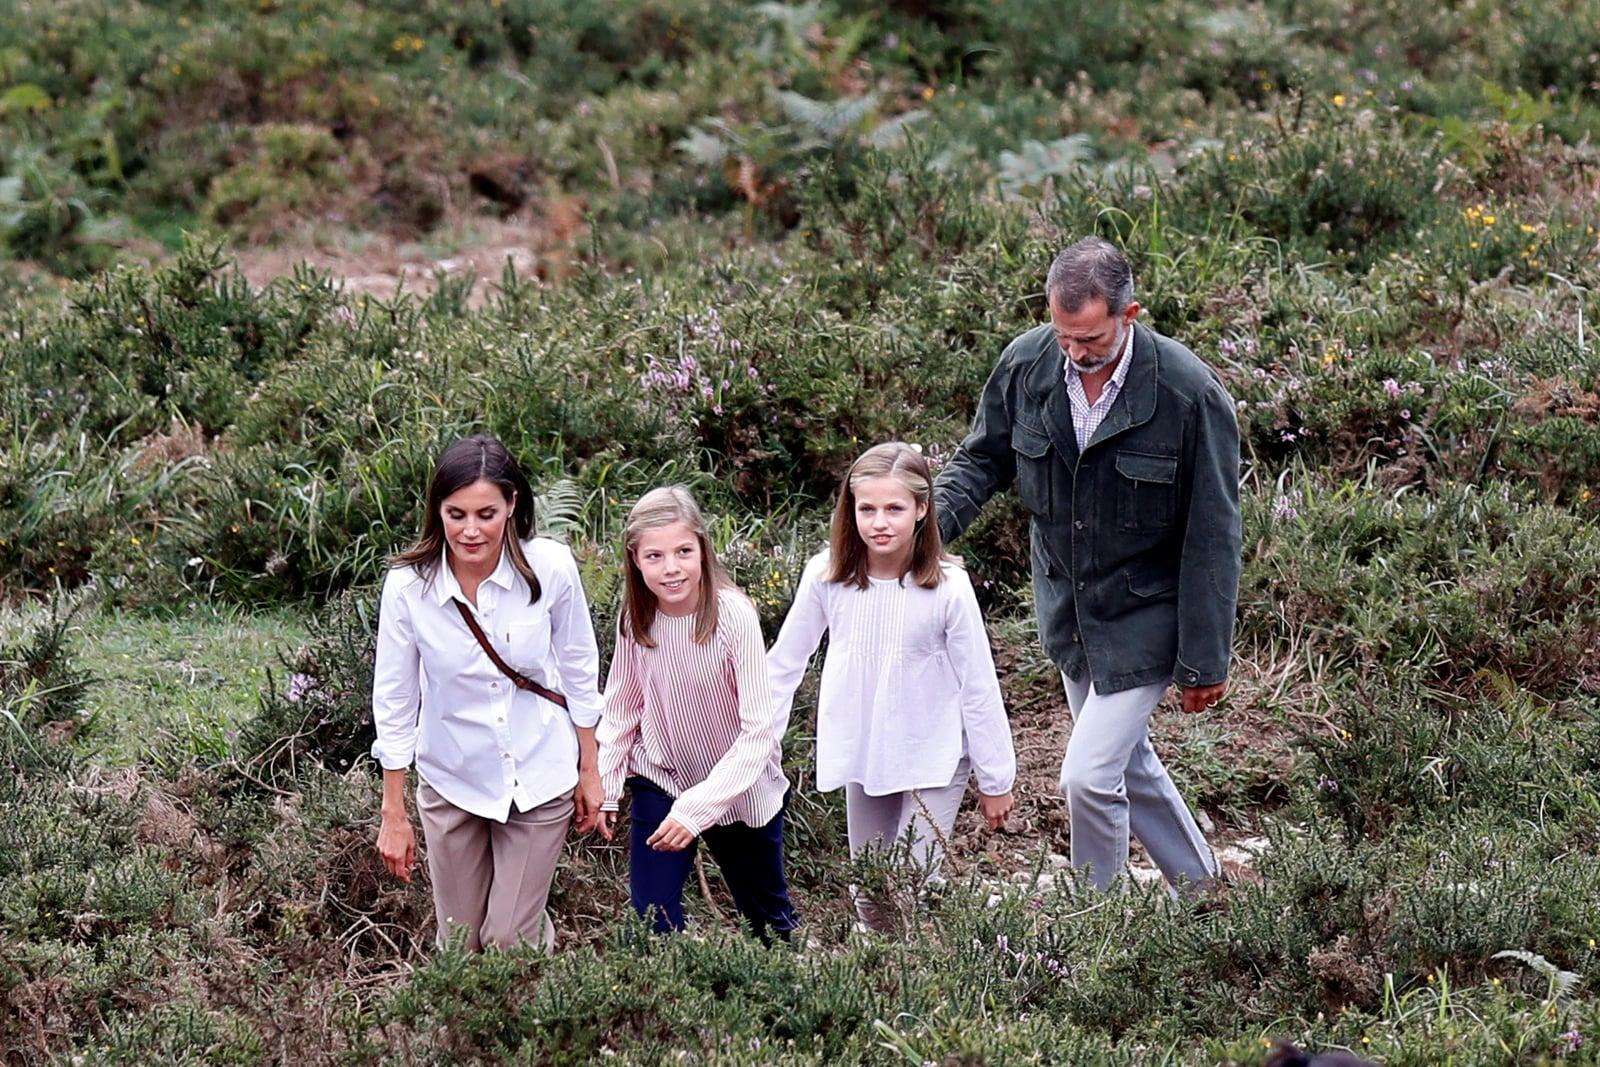 Hiszpański król Filip, królowa Letycja i ich córki podczas spaceru w Covadonga National Park, w Covadonga, w prowincji Asturias, w północnej Hiszpanii, fot. EPA/Juan Carlos Hidalgo